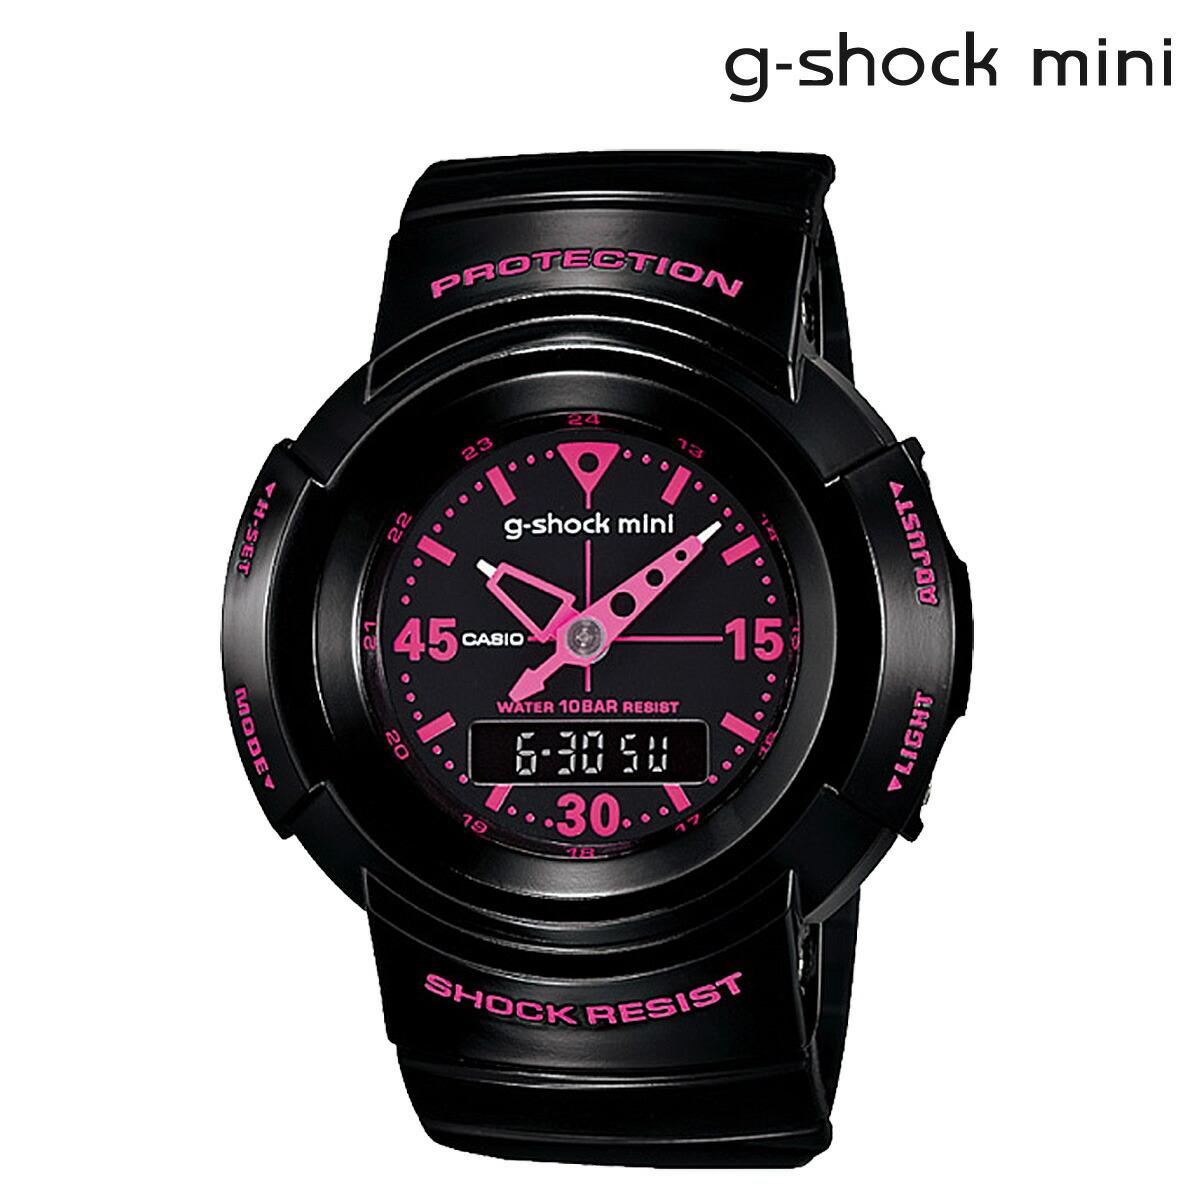 ea0f7e1847 G-SHOCKのカッコよさがそのまま小さくなったモデルがg-shock  mini。従来のG-SHOCKを約70%小さくしたデザインで、ファッション系のセレクトショップのみで展開されてい ...